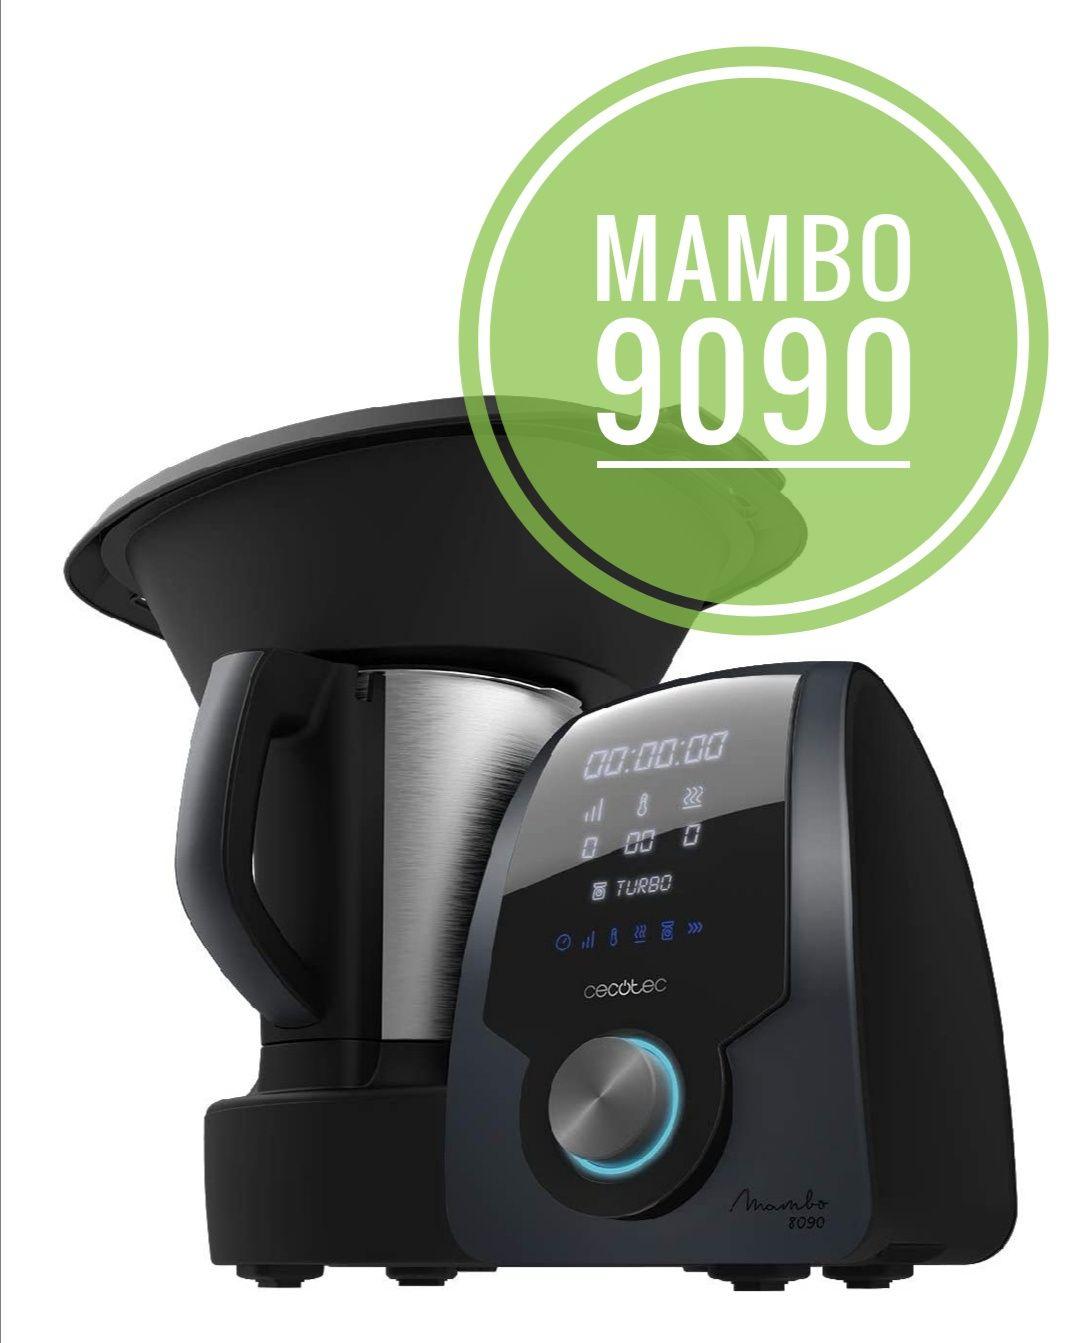 Cecotec Mambo 9090 (último modelo) - Amazon Italia [Vendedor externo]